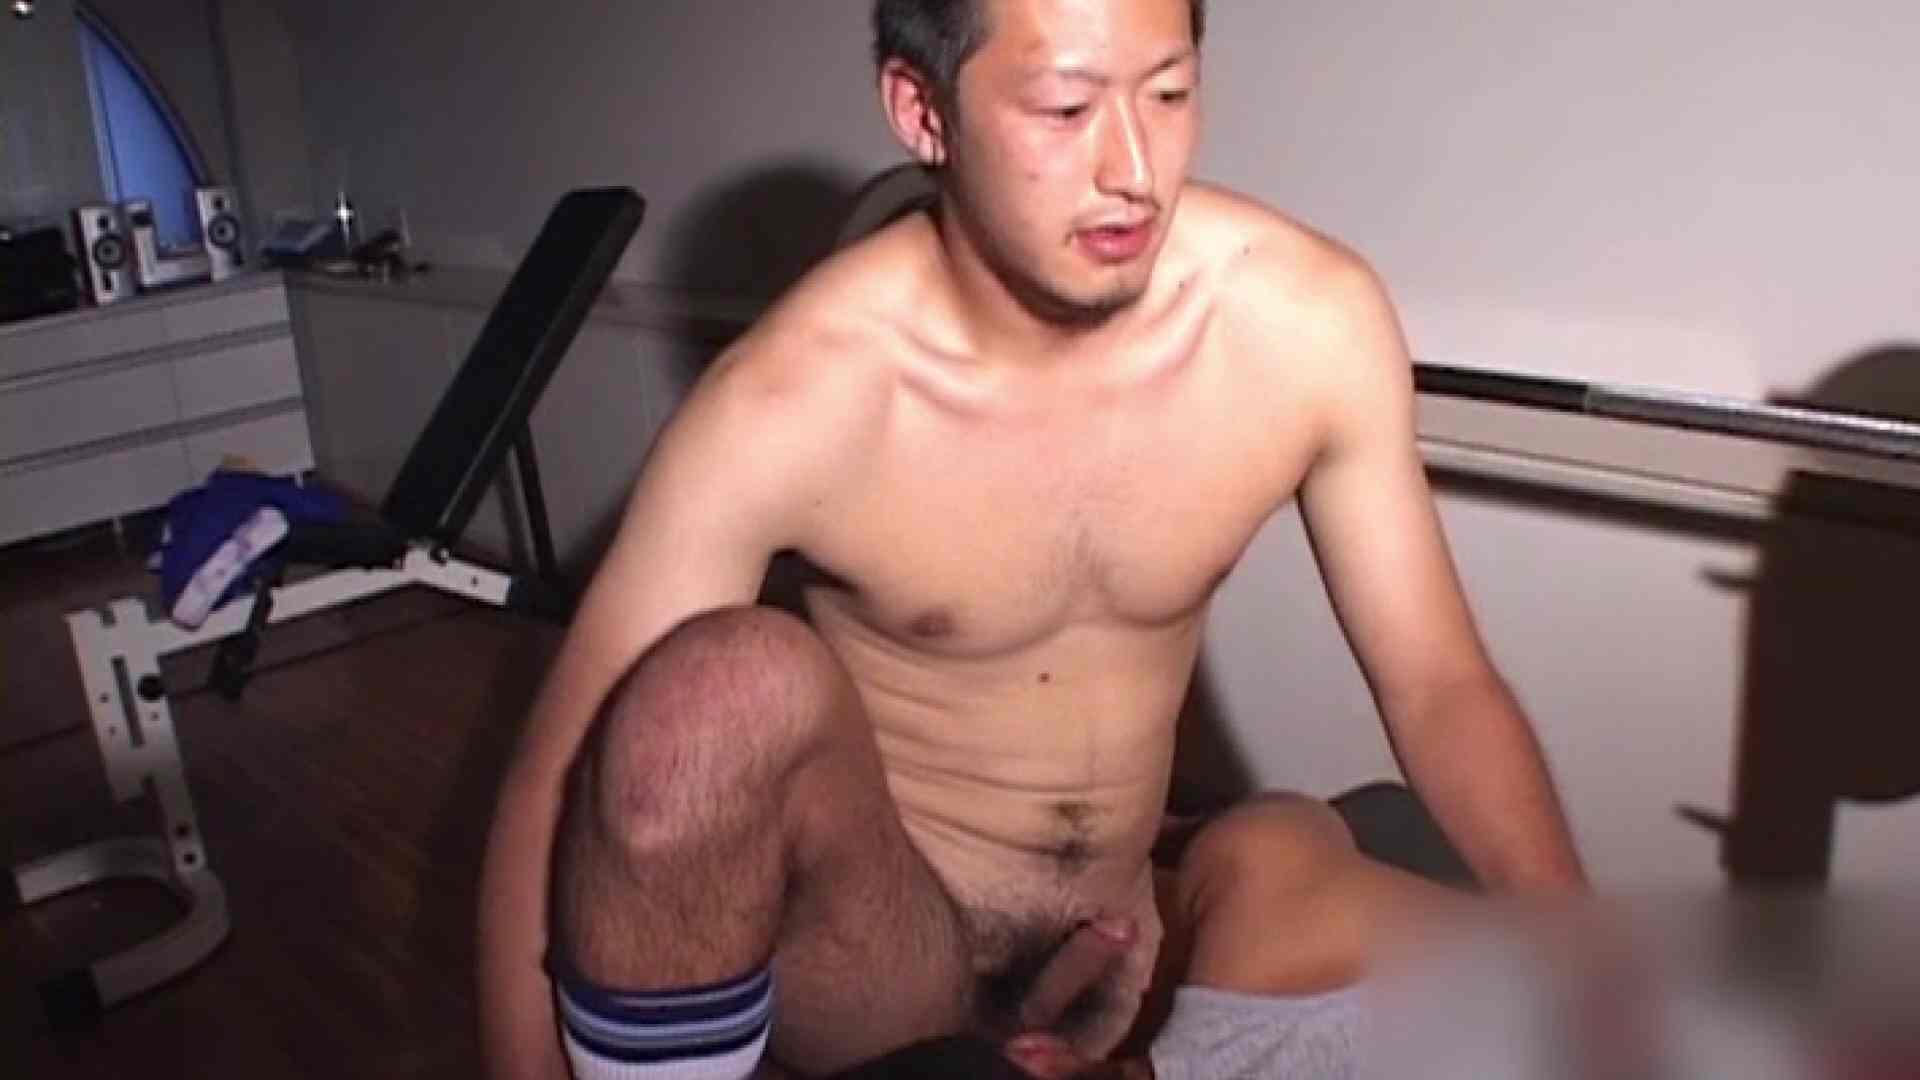 珍肉も筋肉の内!!vol.1 発射天国 | 手コキ ゲイ無修正ビデオ画像 66pic 56